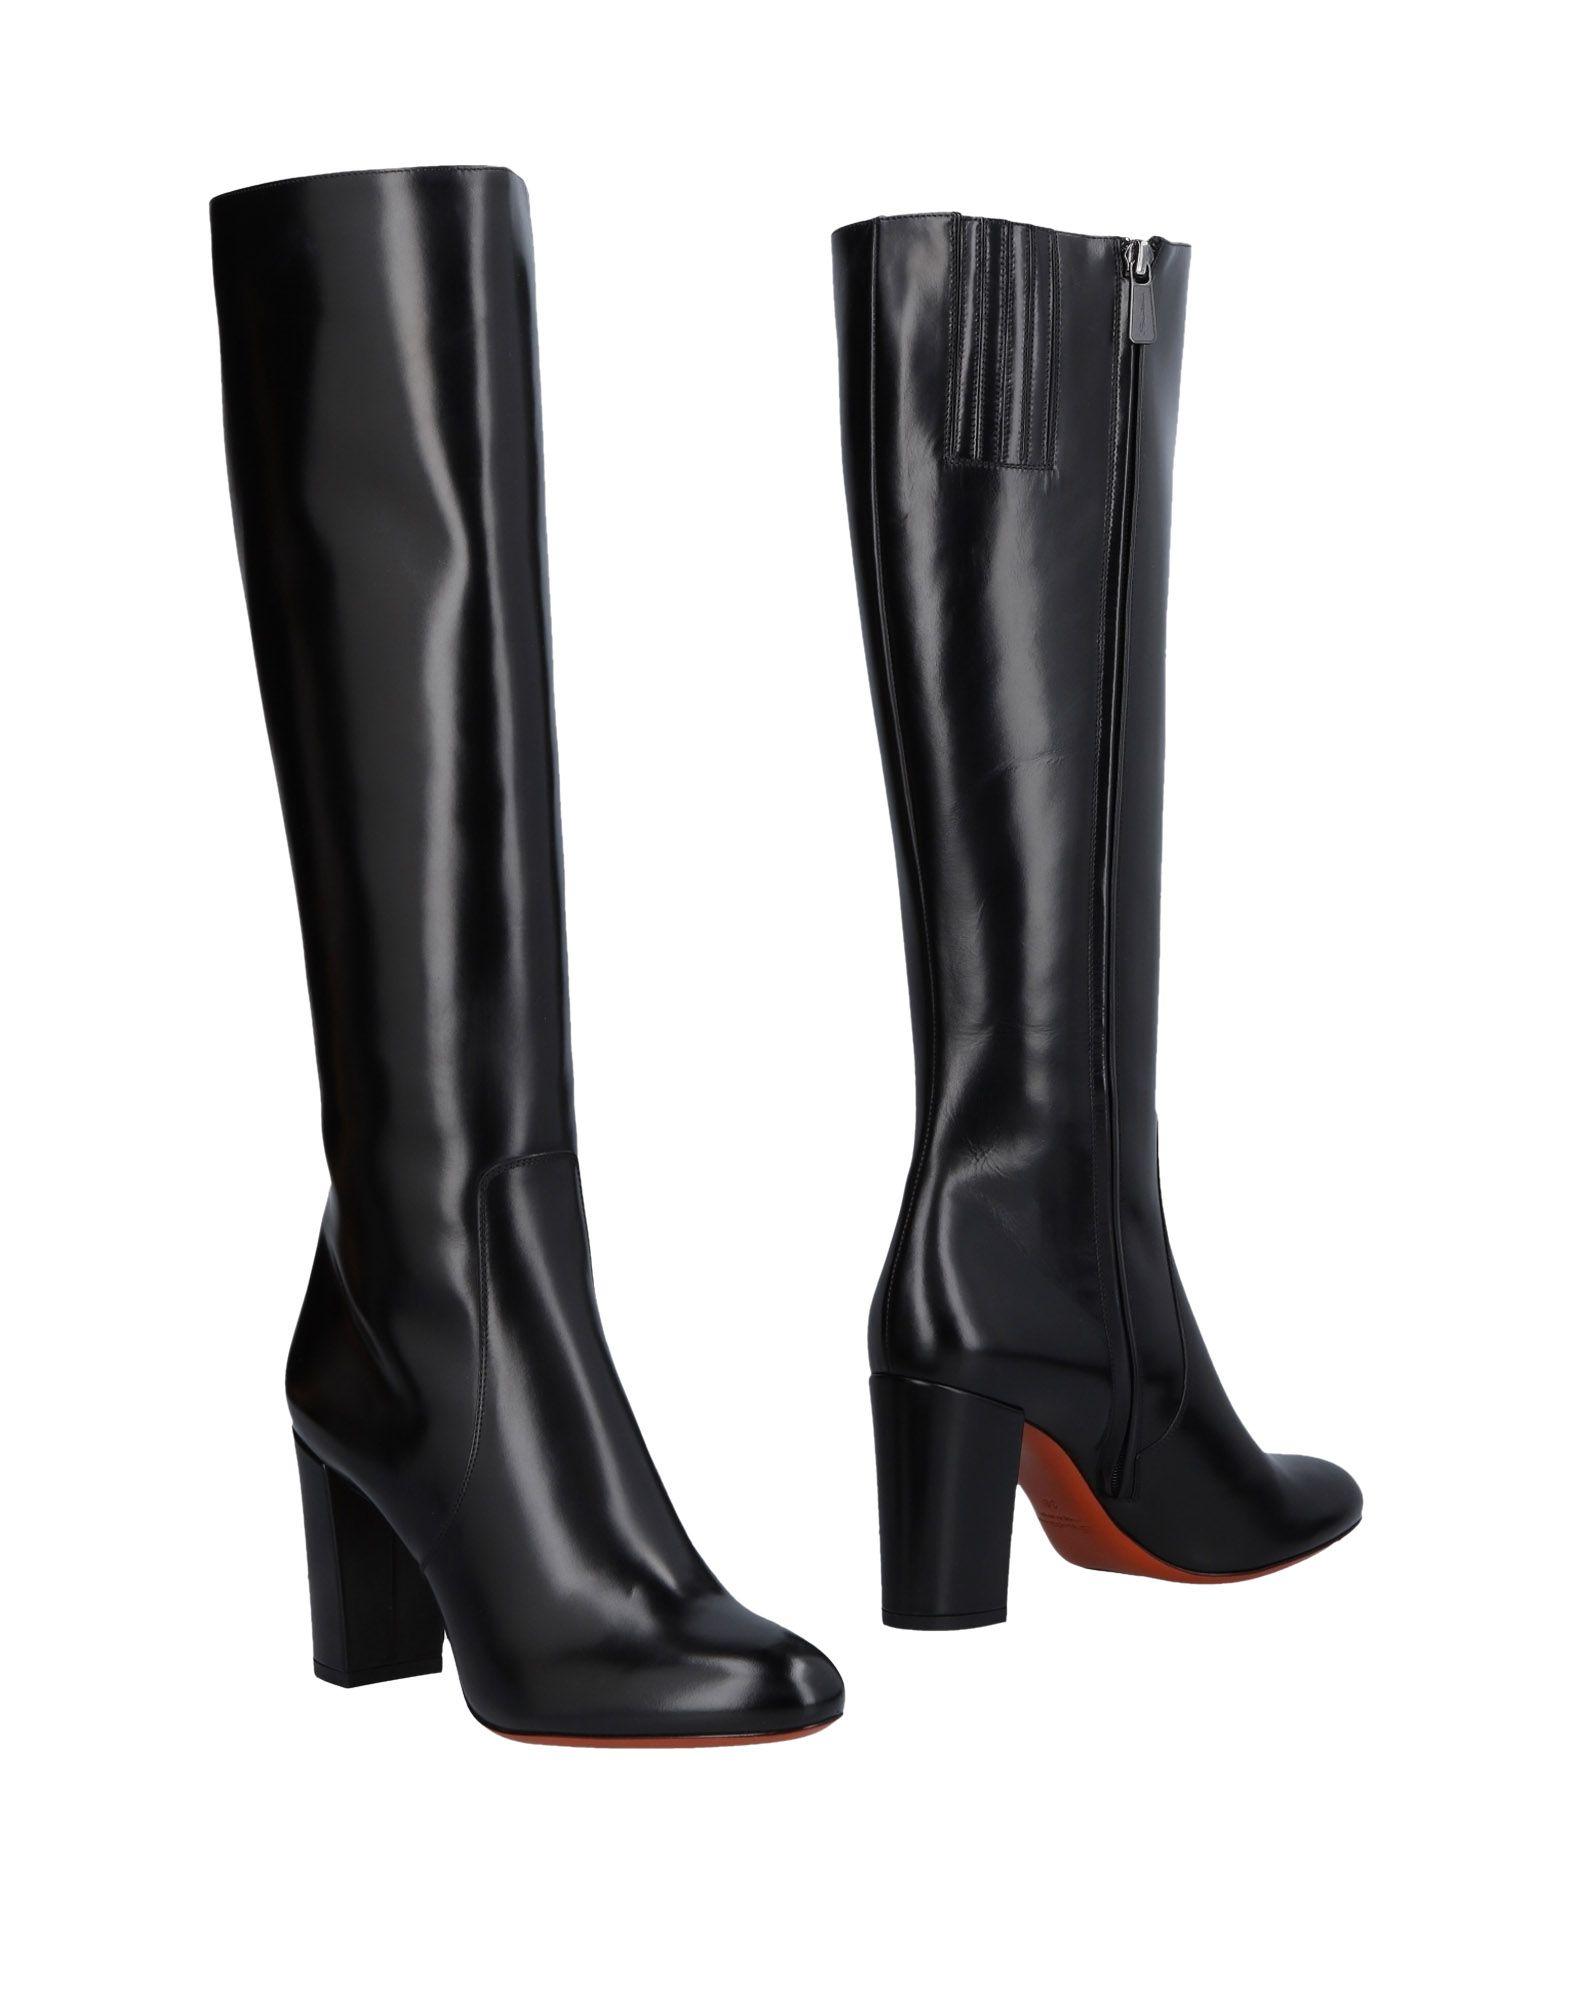 Scarpe Stivali economiche e resistenti Moda Stivali Scarpe Santoni Donna 37d5c5